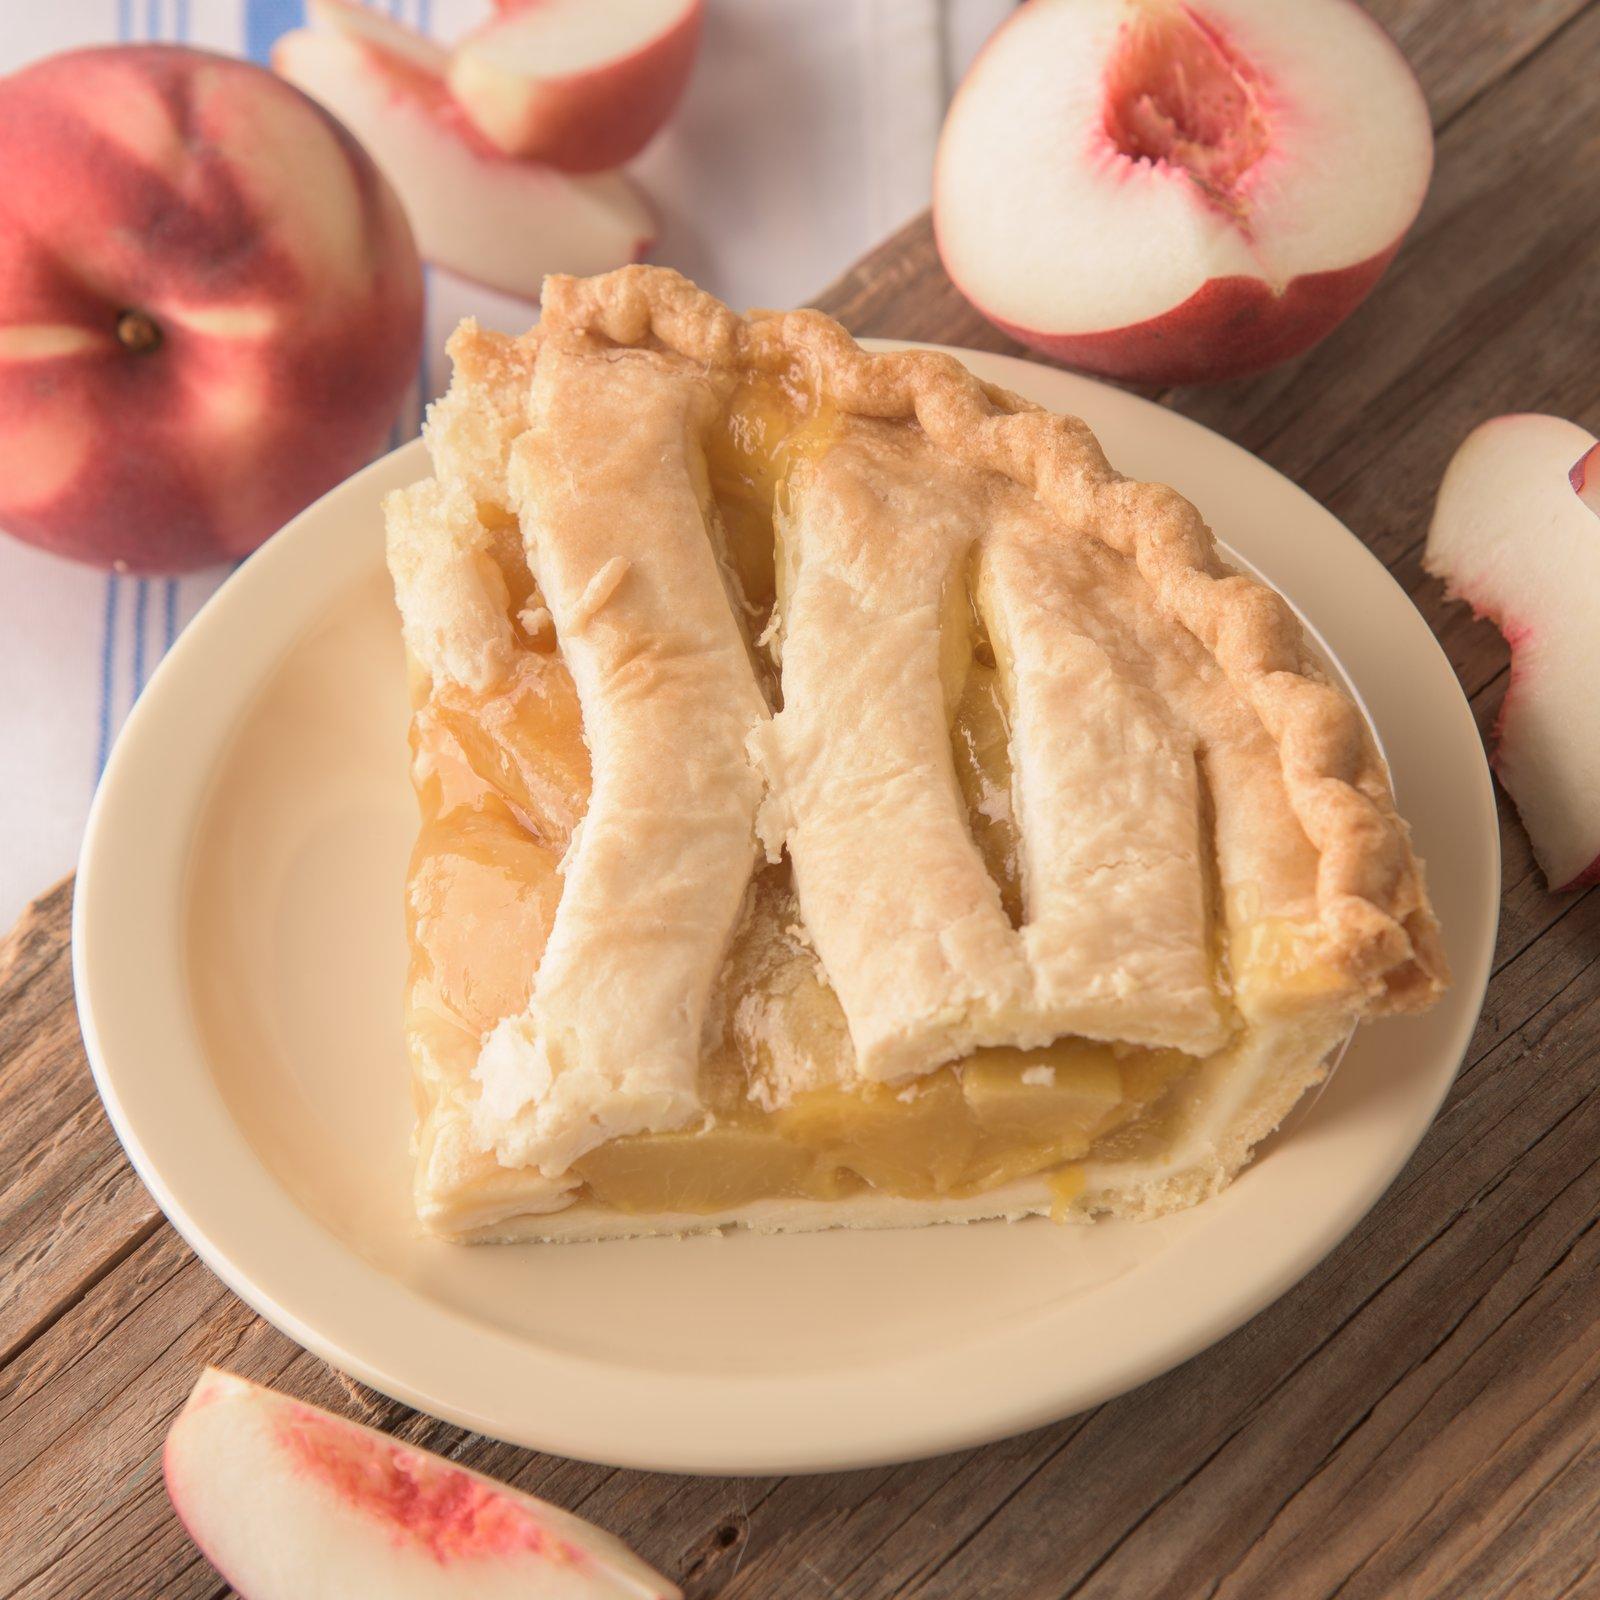 ... 4350425 - Dallas Ware® Melamine Pie Plate 6-1/2\  - Tan & 4350425 - Dallas Ware® Melamine Pie Plate 6-1/2\